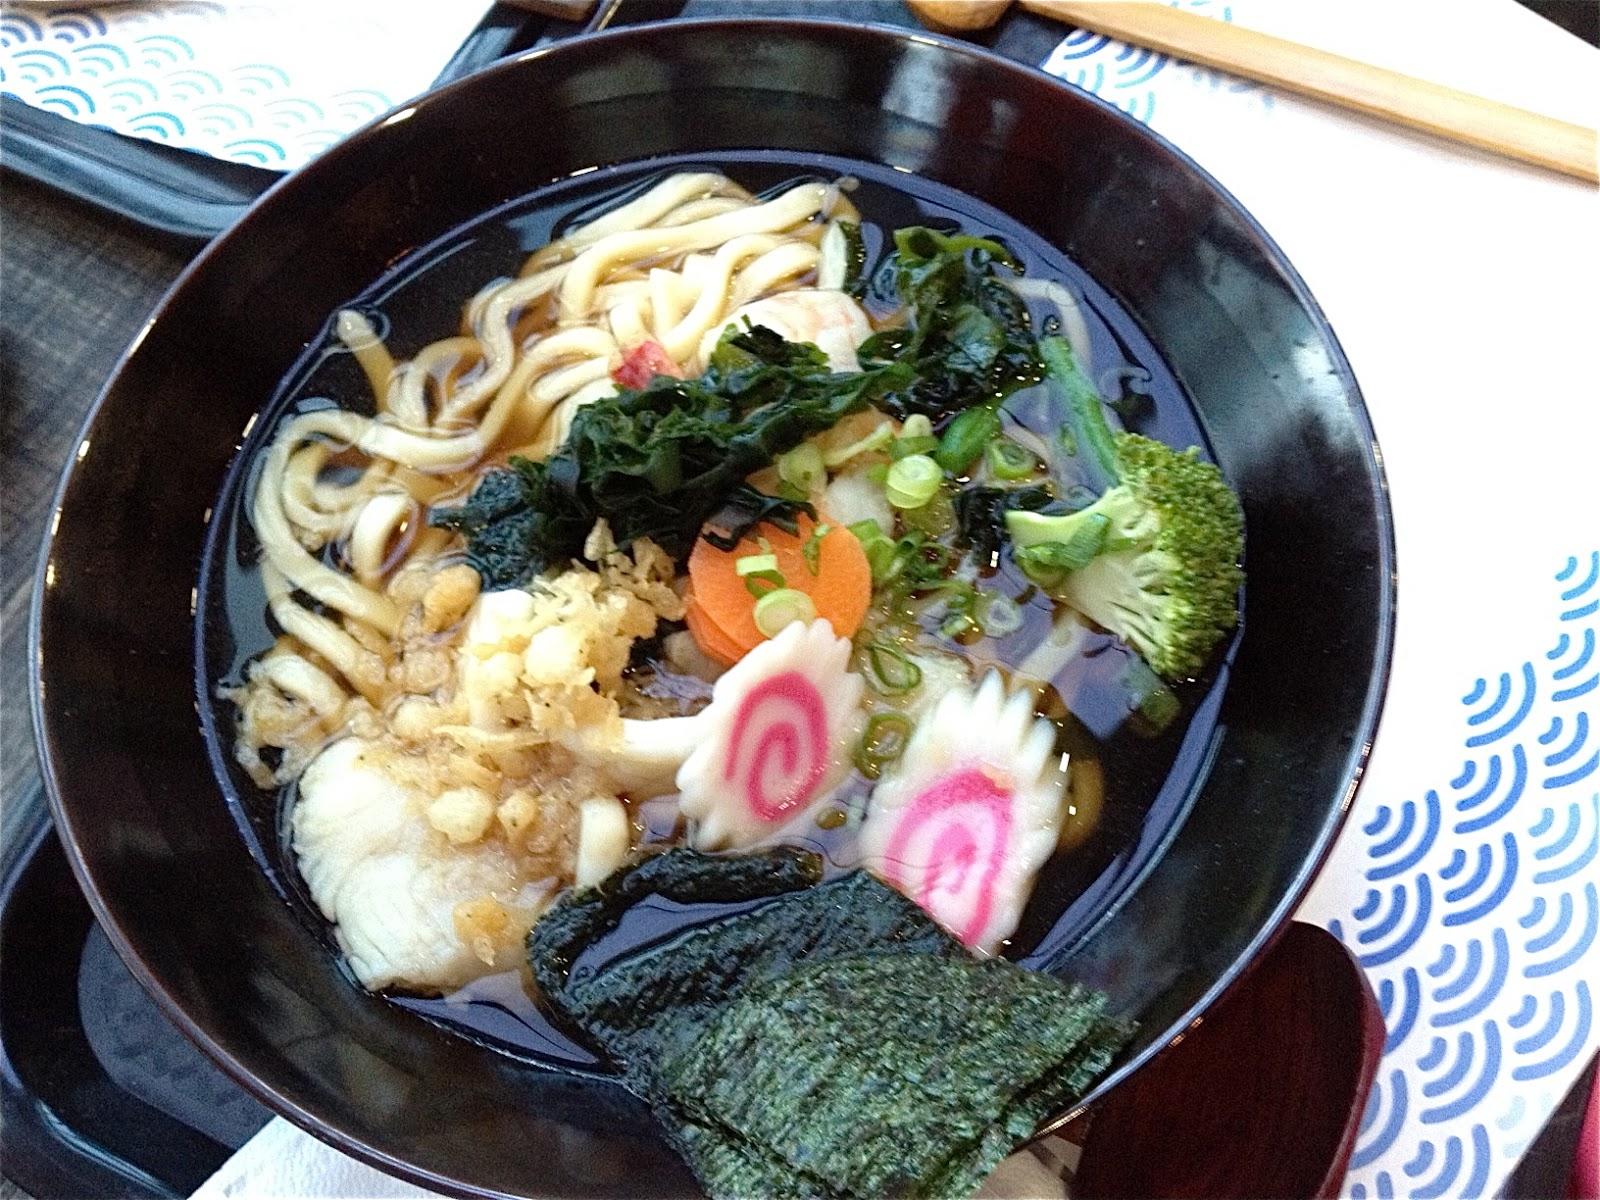 hana restaurant nabeyaki udon at tomo japanese cuisine nabeyaki udon ...